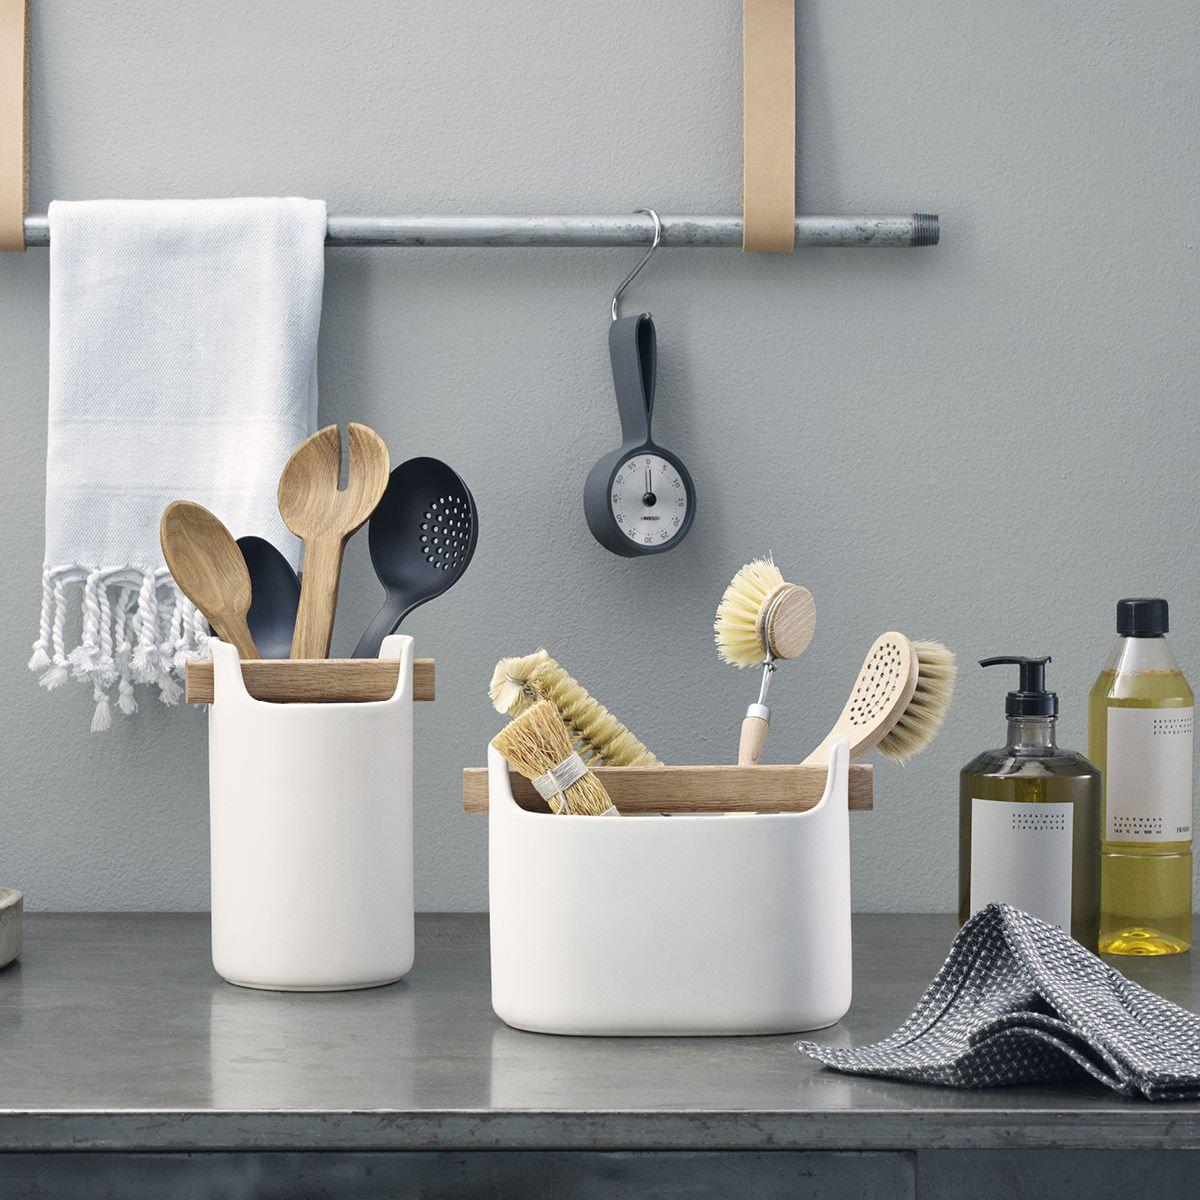 Full Size of Küchen Aufbewahrungsbehälter Eva Solo Aufbewahrungsbehlter Toolbo15 Cm Regal Küche Wohnzimmer Küchen Aufbewahrungsbehälter